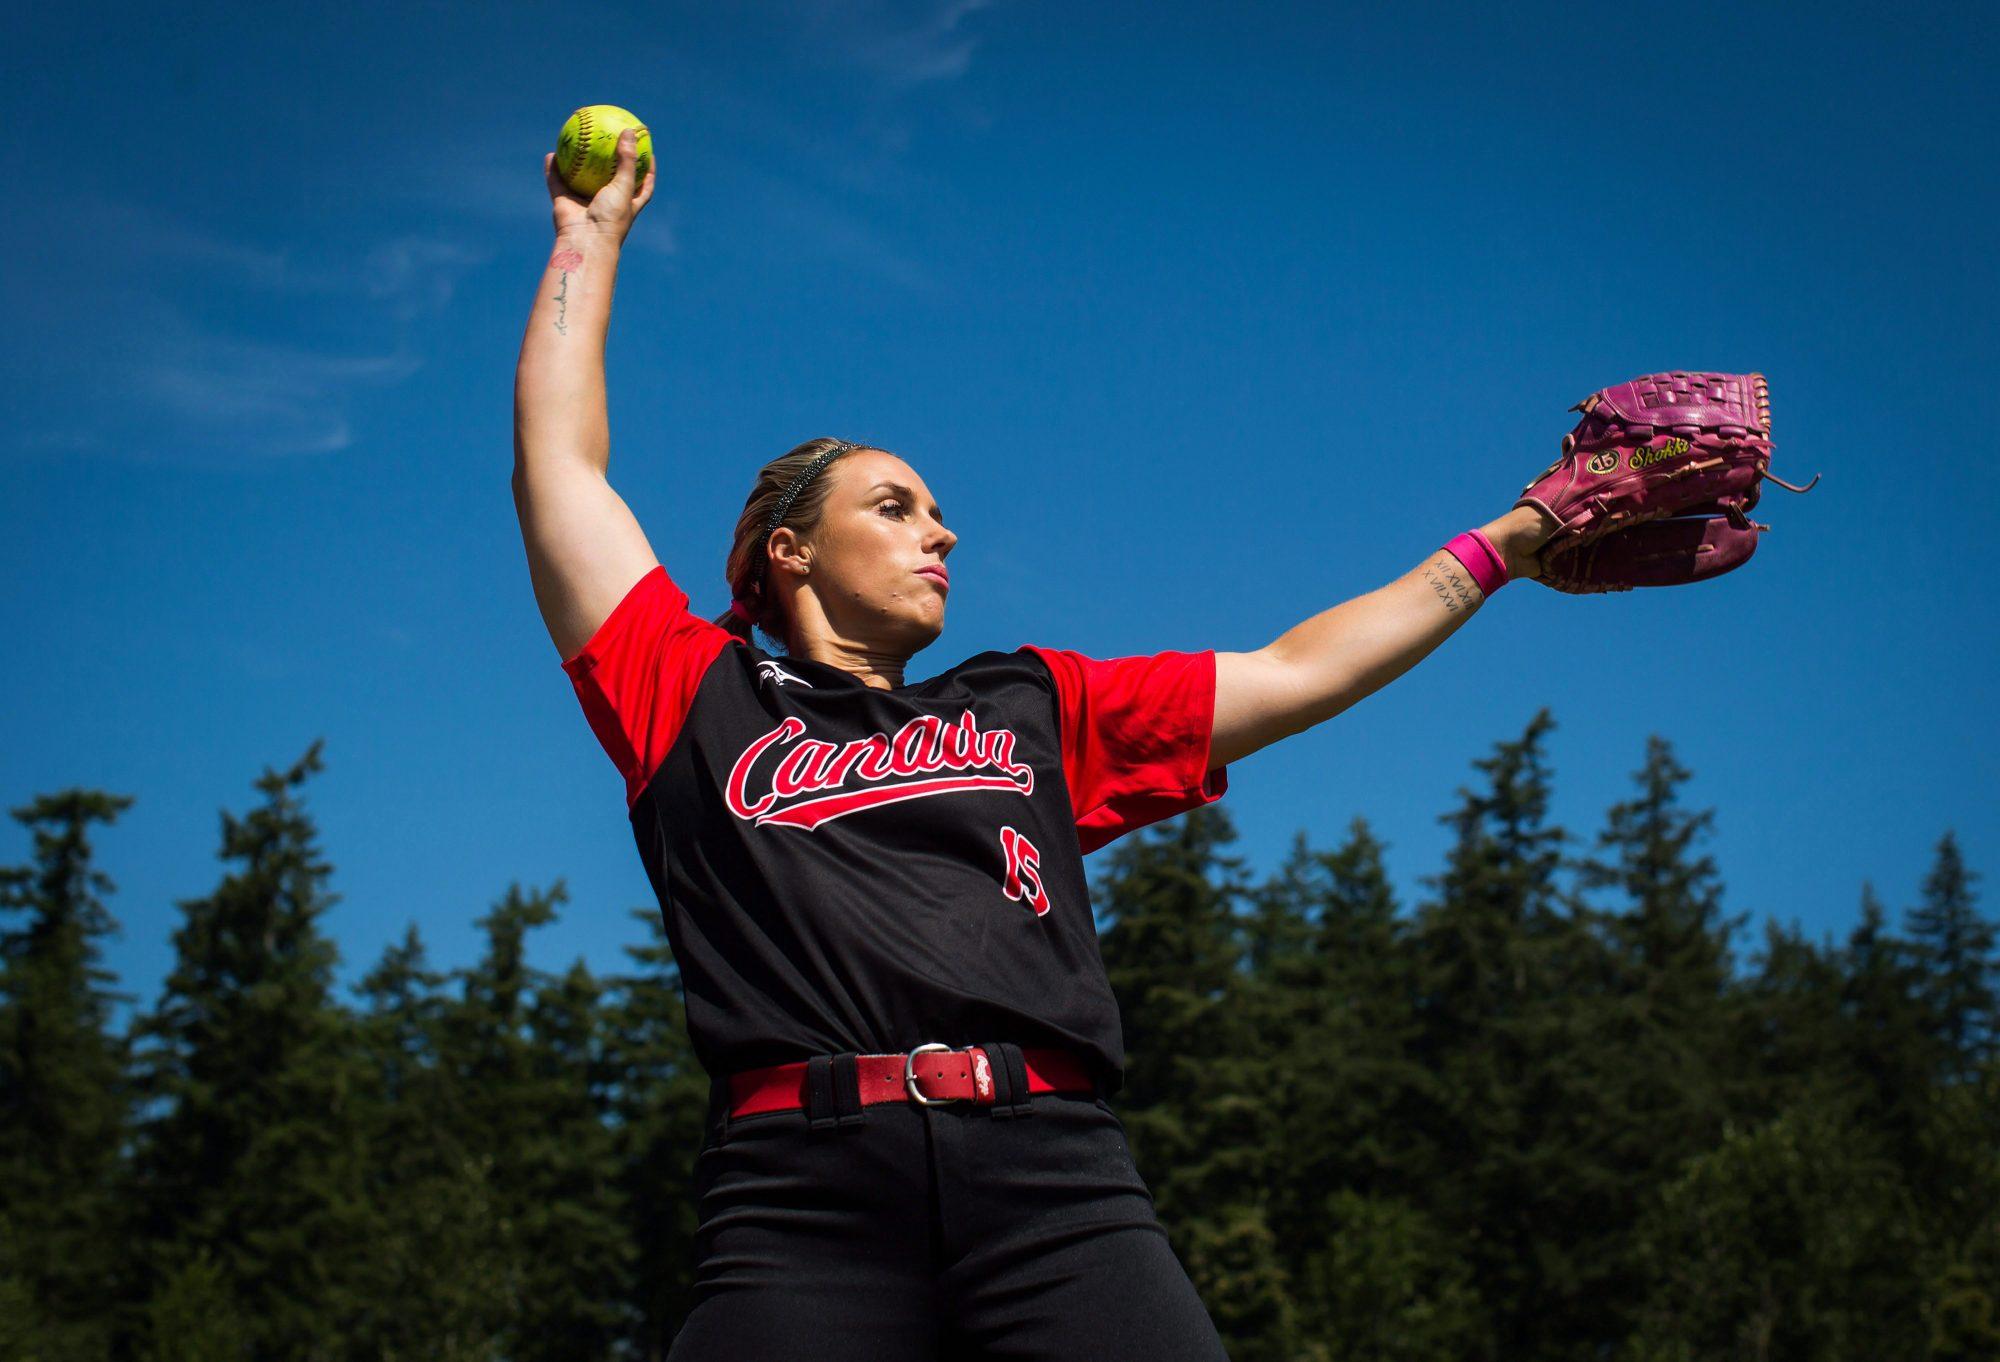 Danielle Lawrie pitching